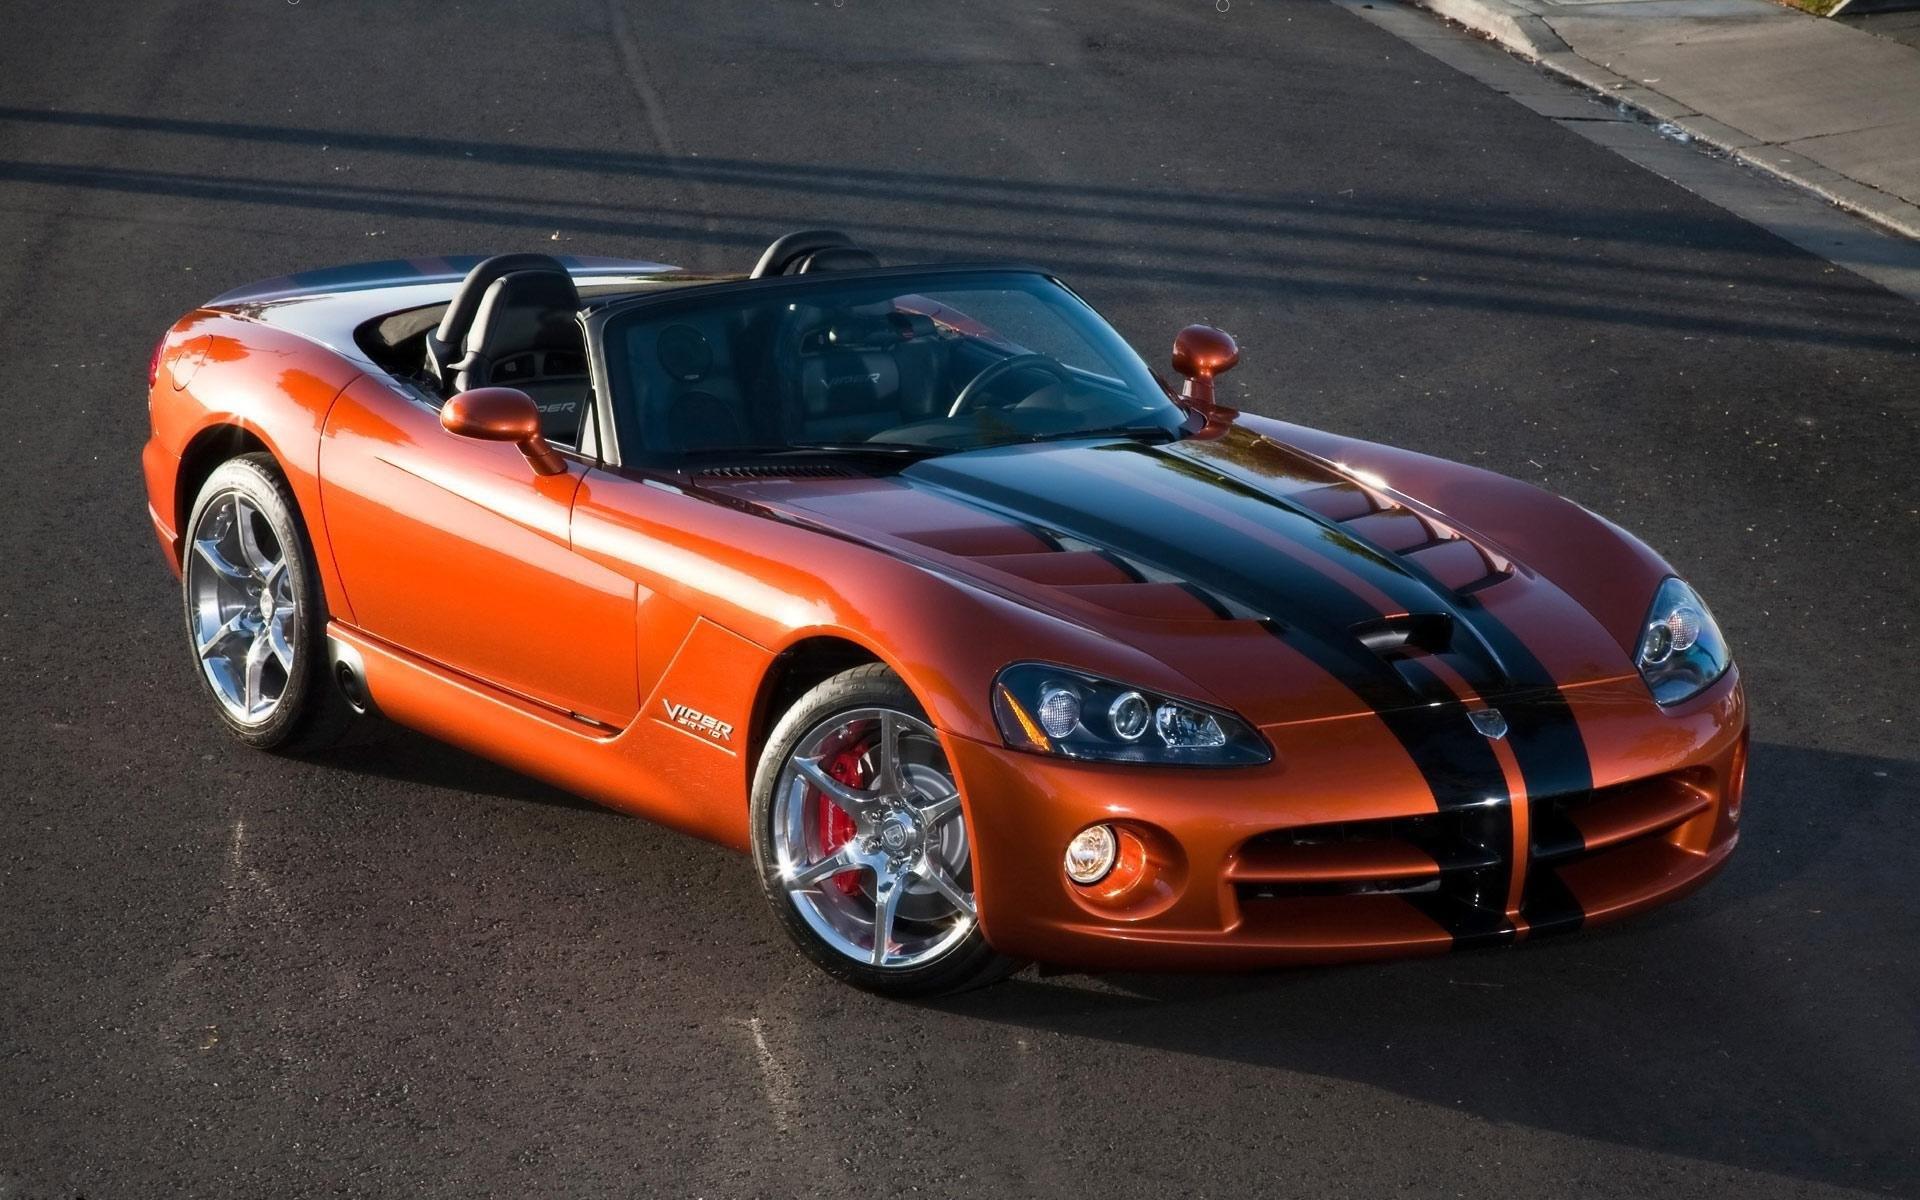 41467 скачать обои Транспорт, Машины, Додж Вайпер (Dodge Viper) - заставки и картинки бесплатно